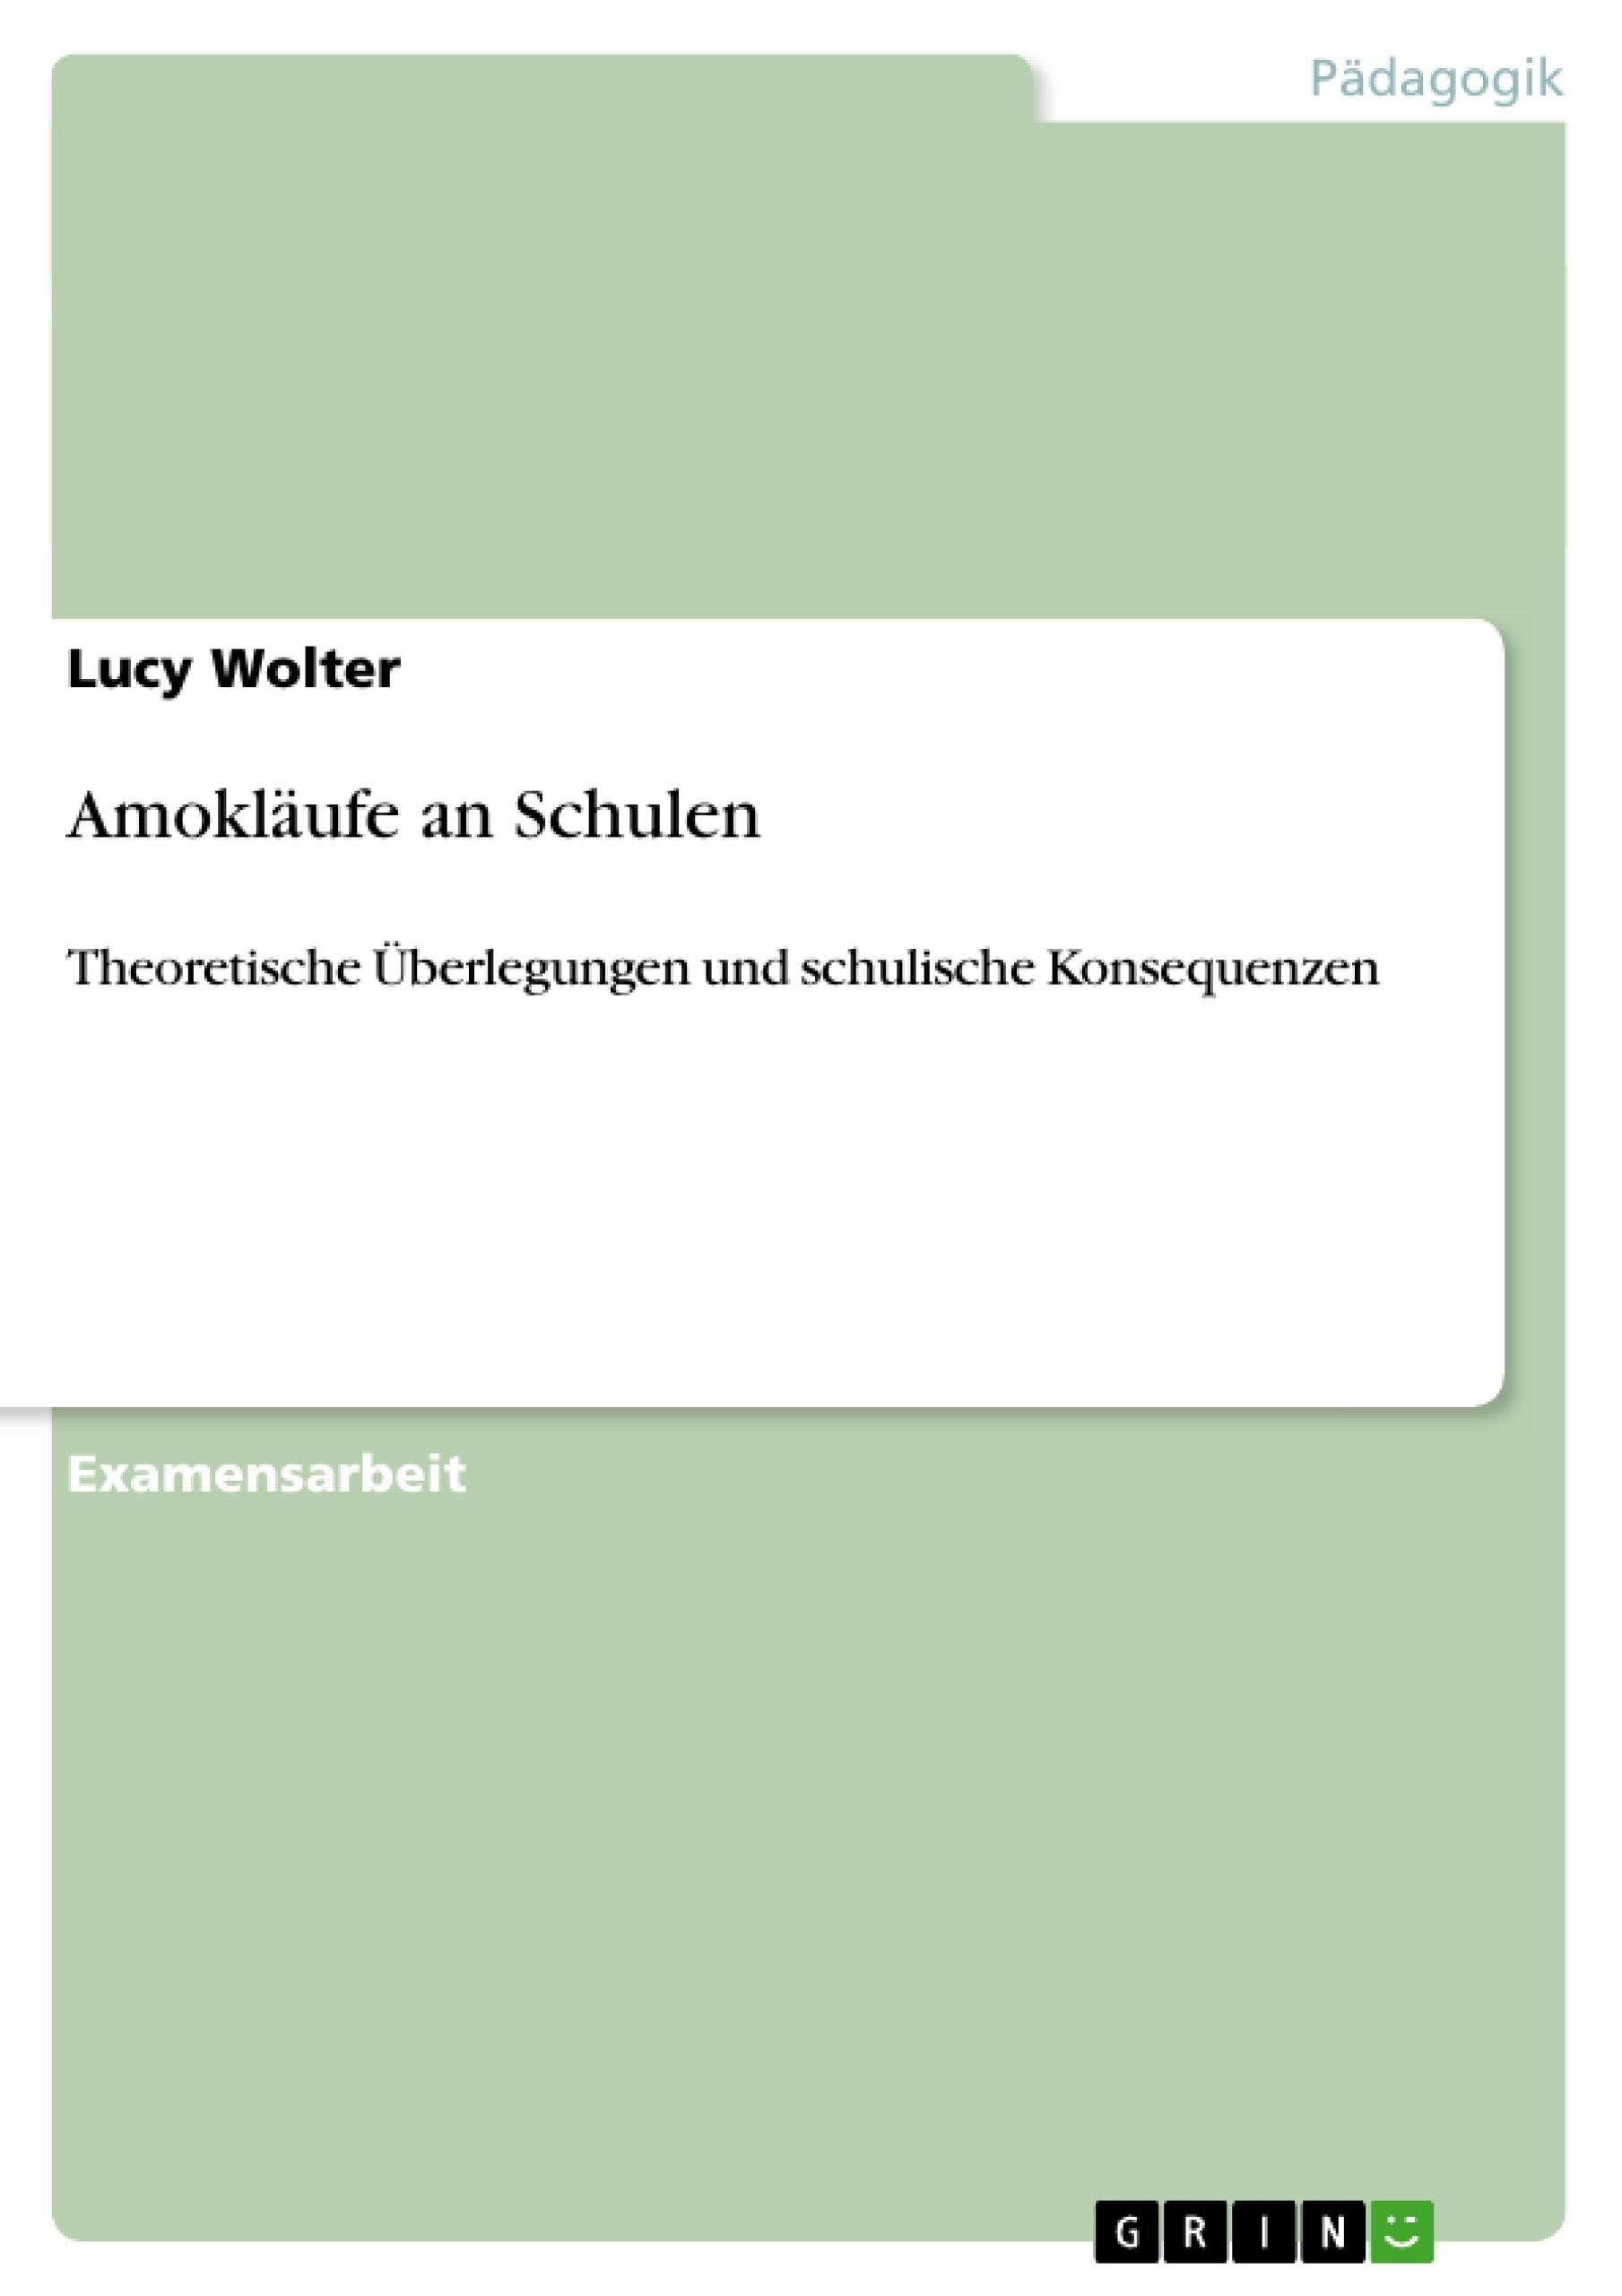 Großzügig Schulsekretär Aufgaben Fortsetzen Bilder - Entry Level ...